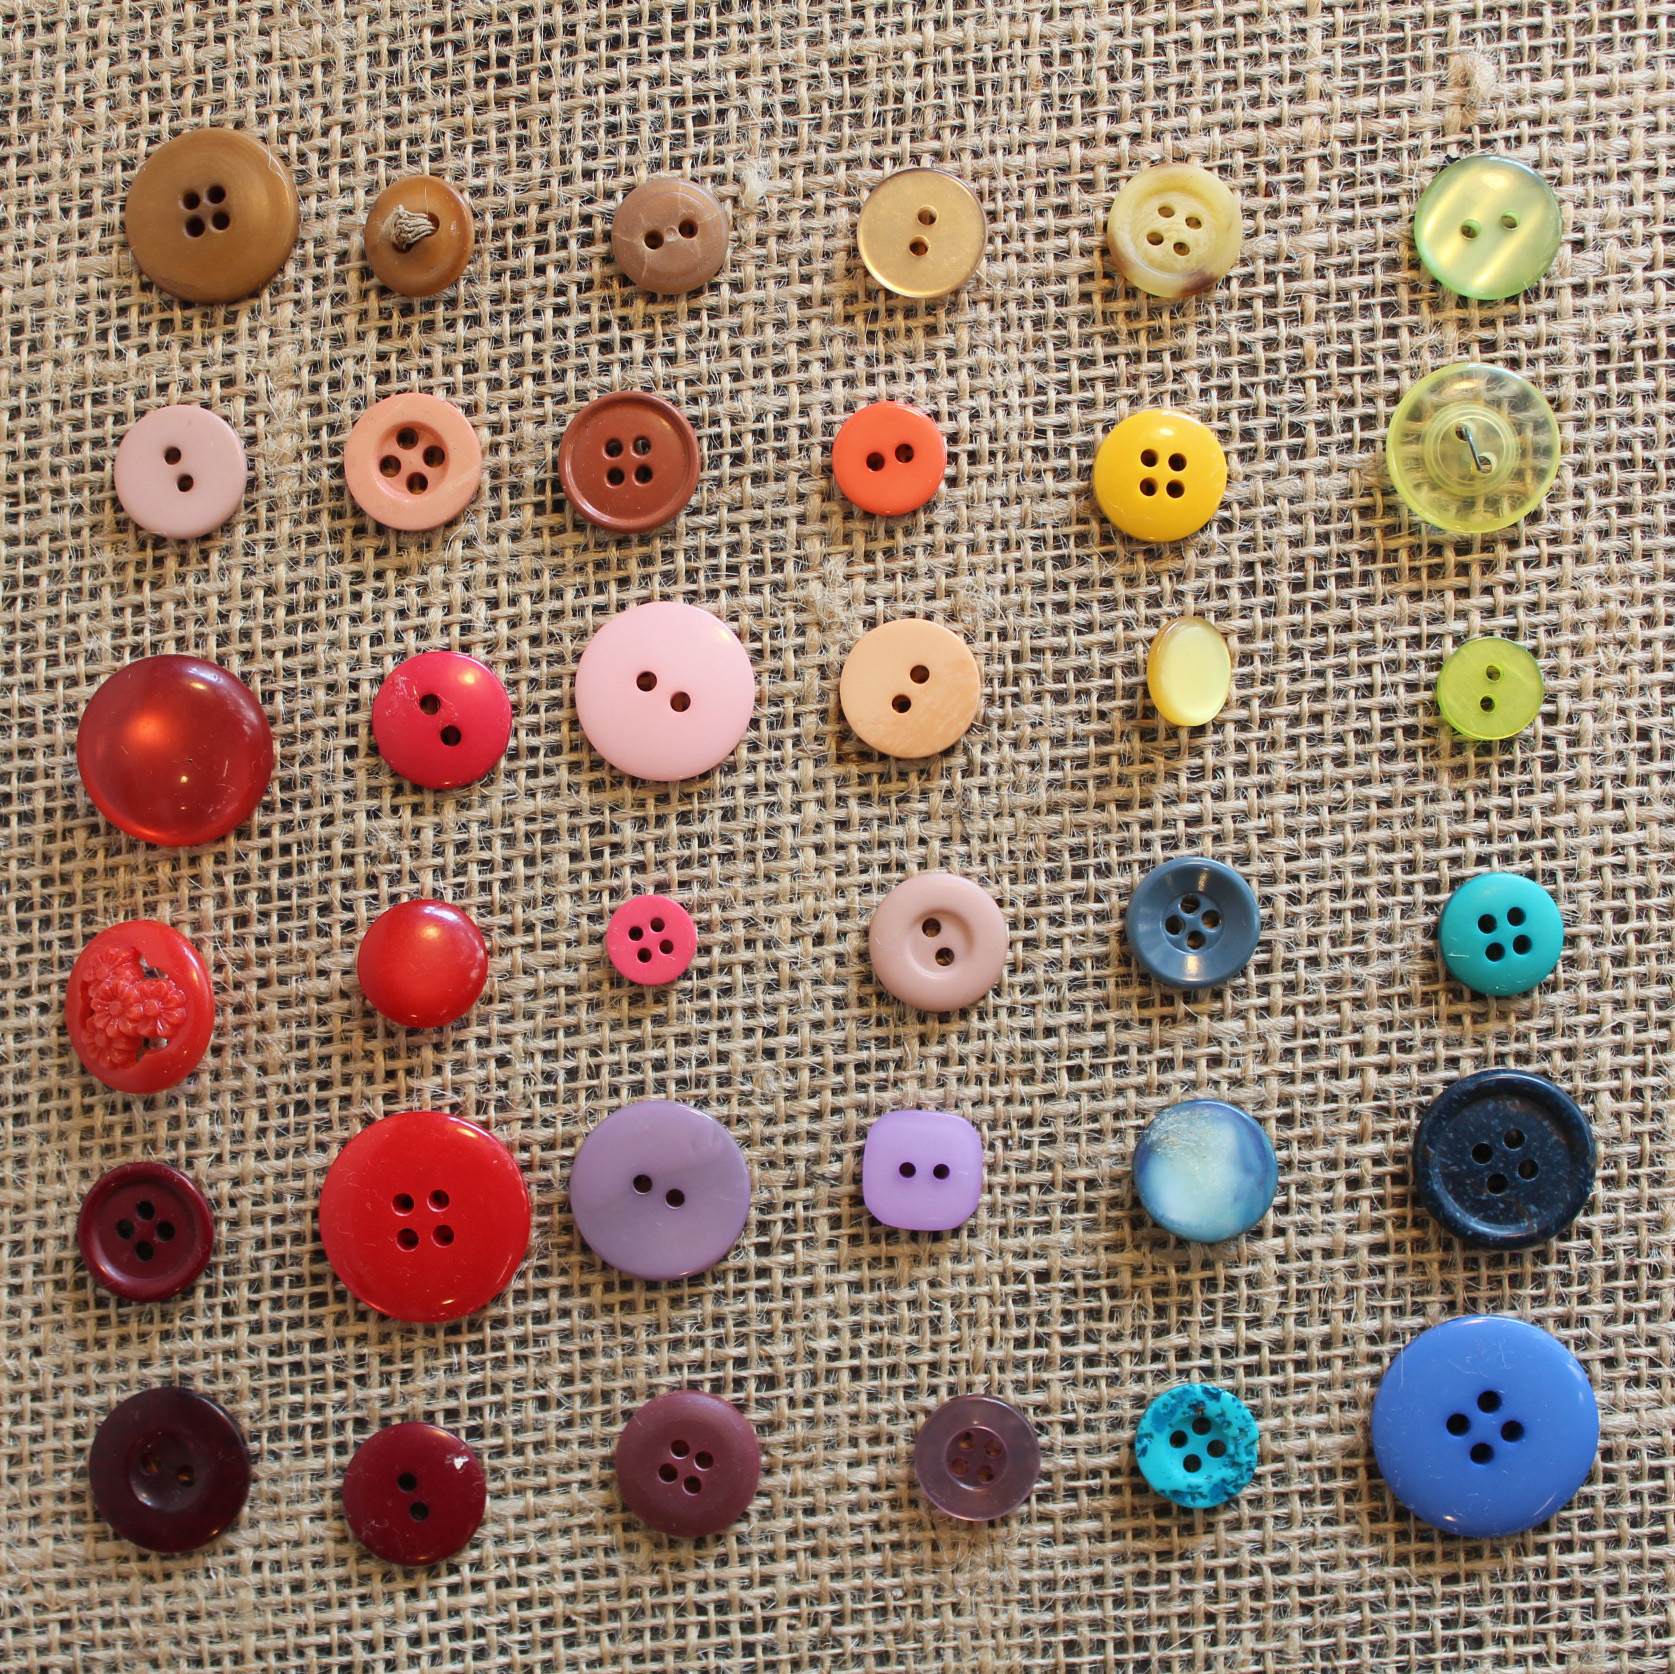 Vintage Buttons galore!